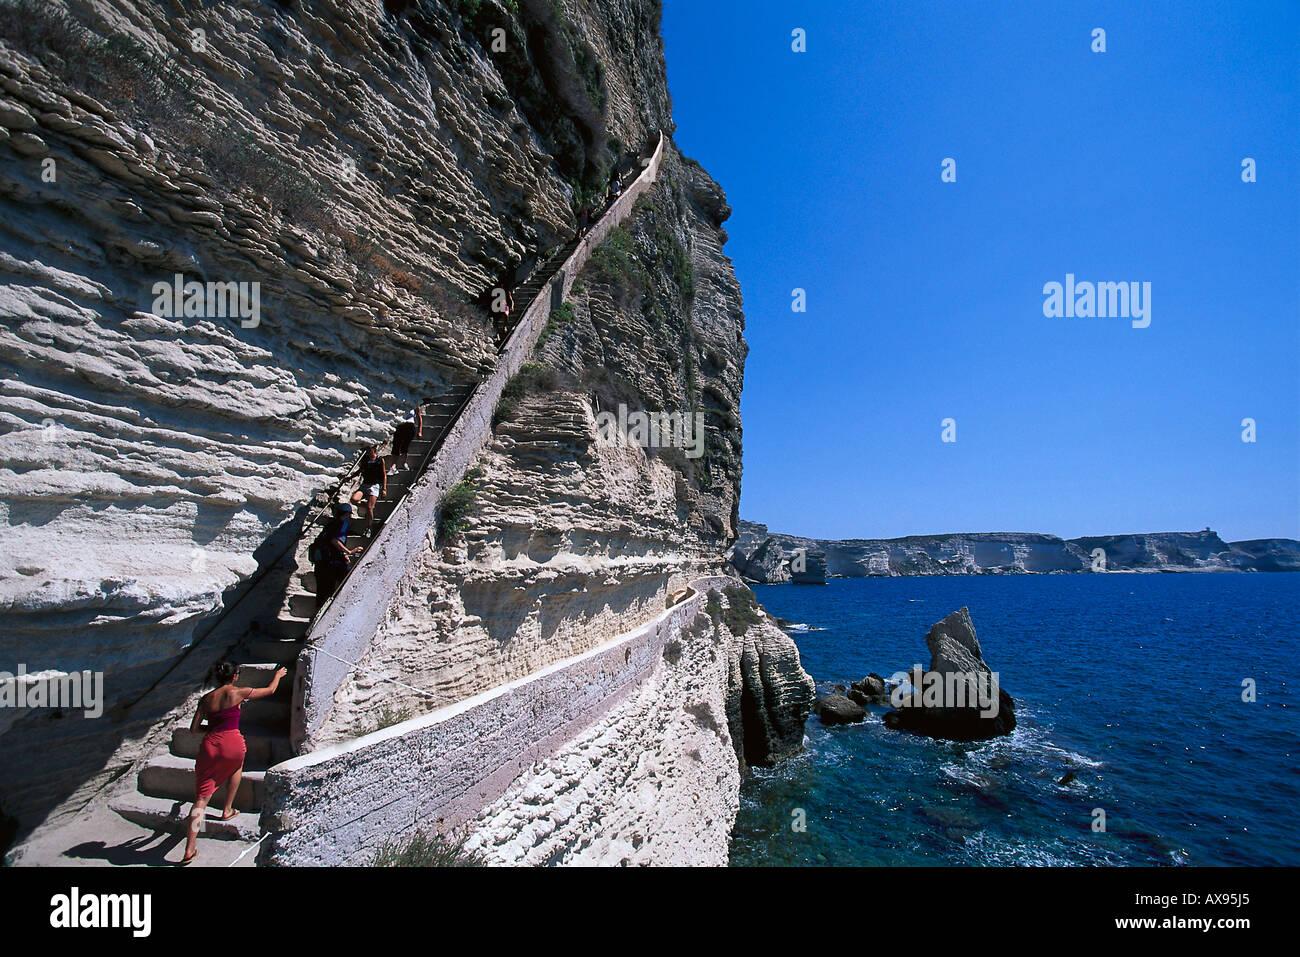 Escalier du Roi d´Aragon, Bonifacio, staircase in the cliffs of Bonifacio Corsica, France - Stock Image